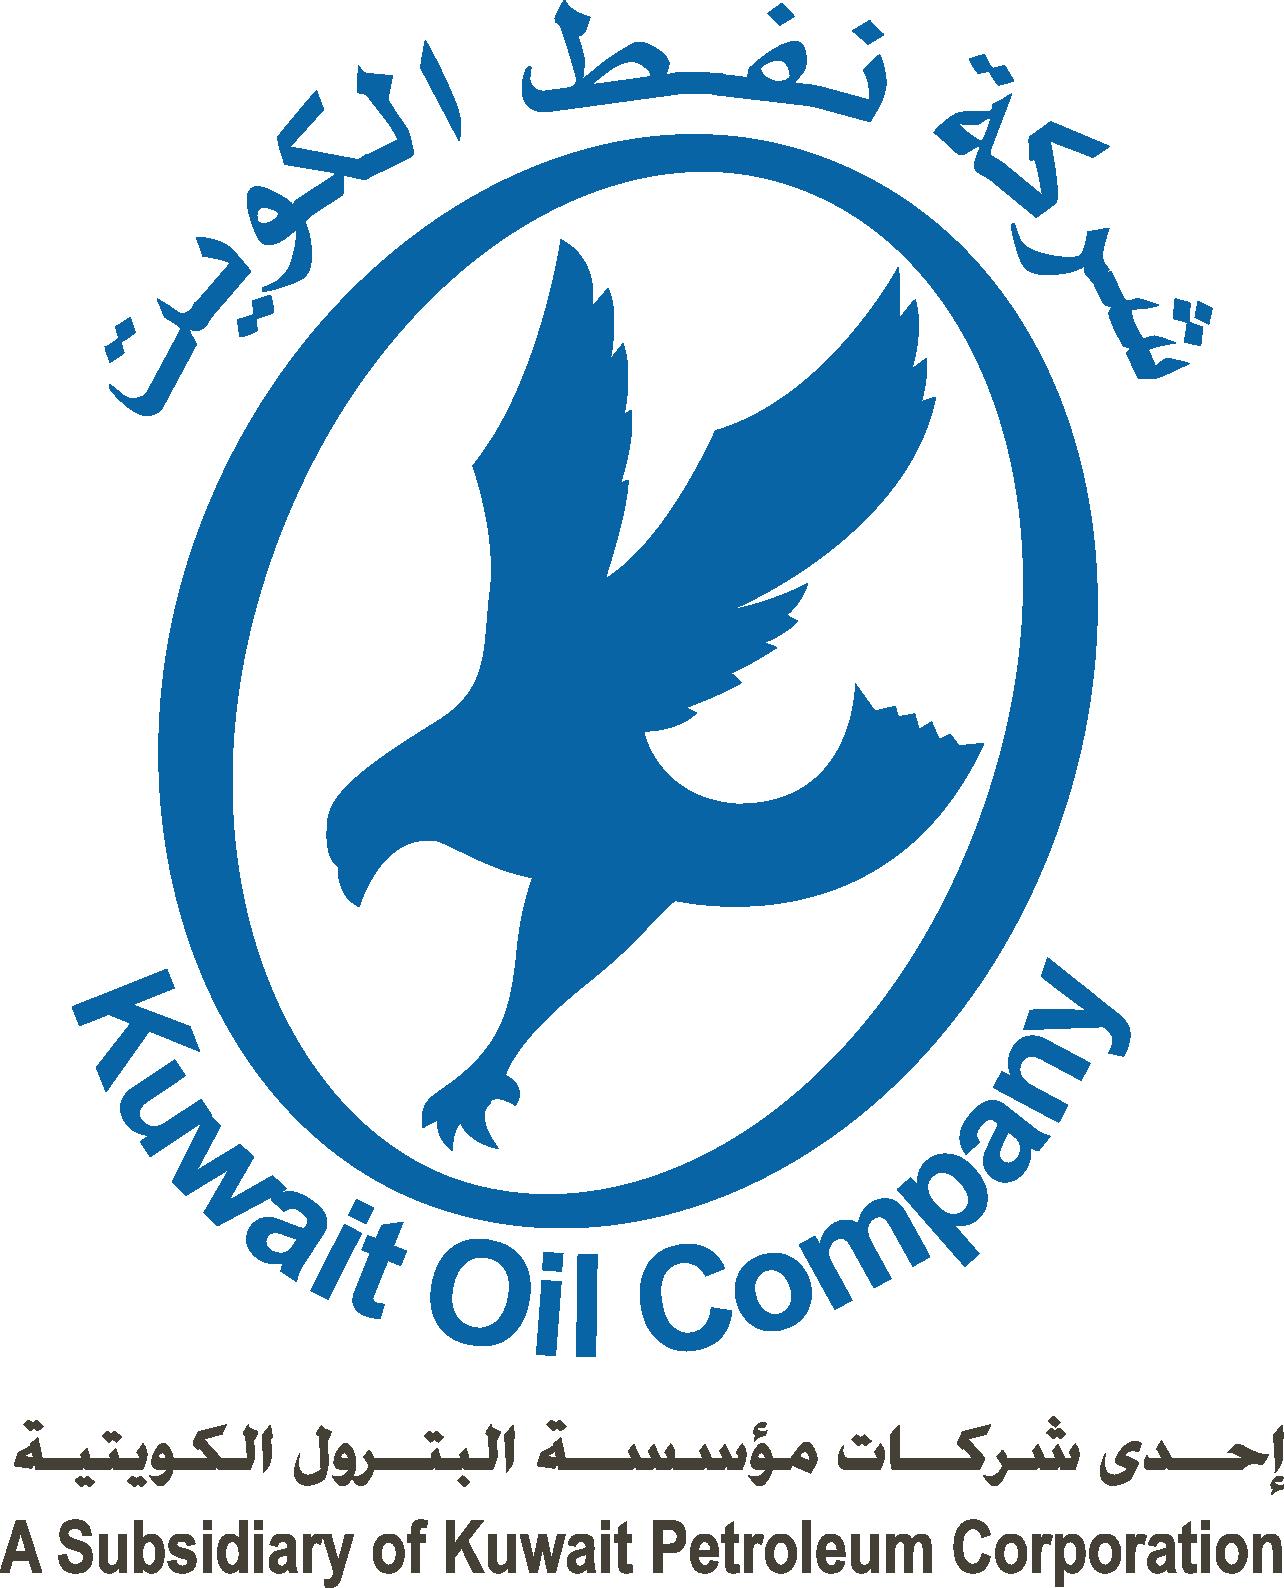 Kuwait Oil Company - Wikipedia